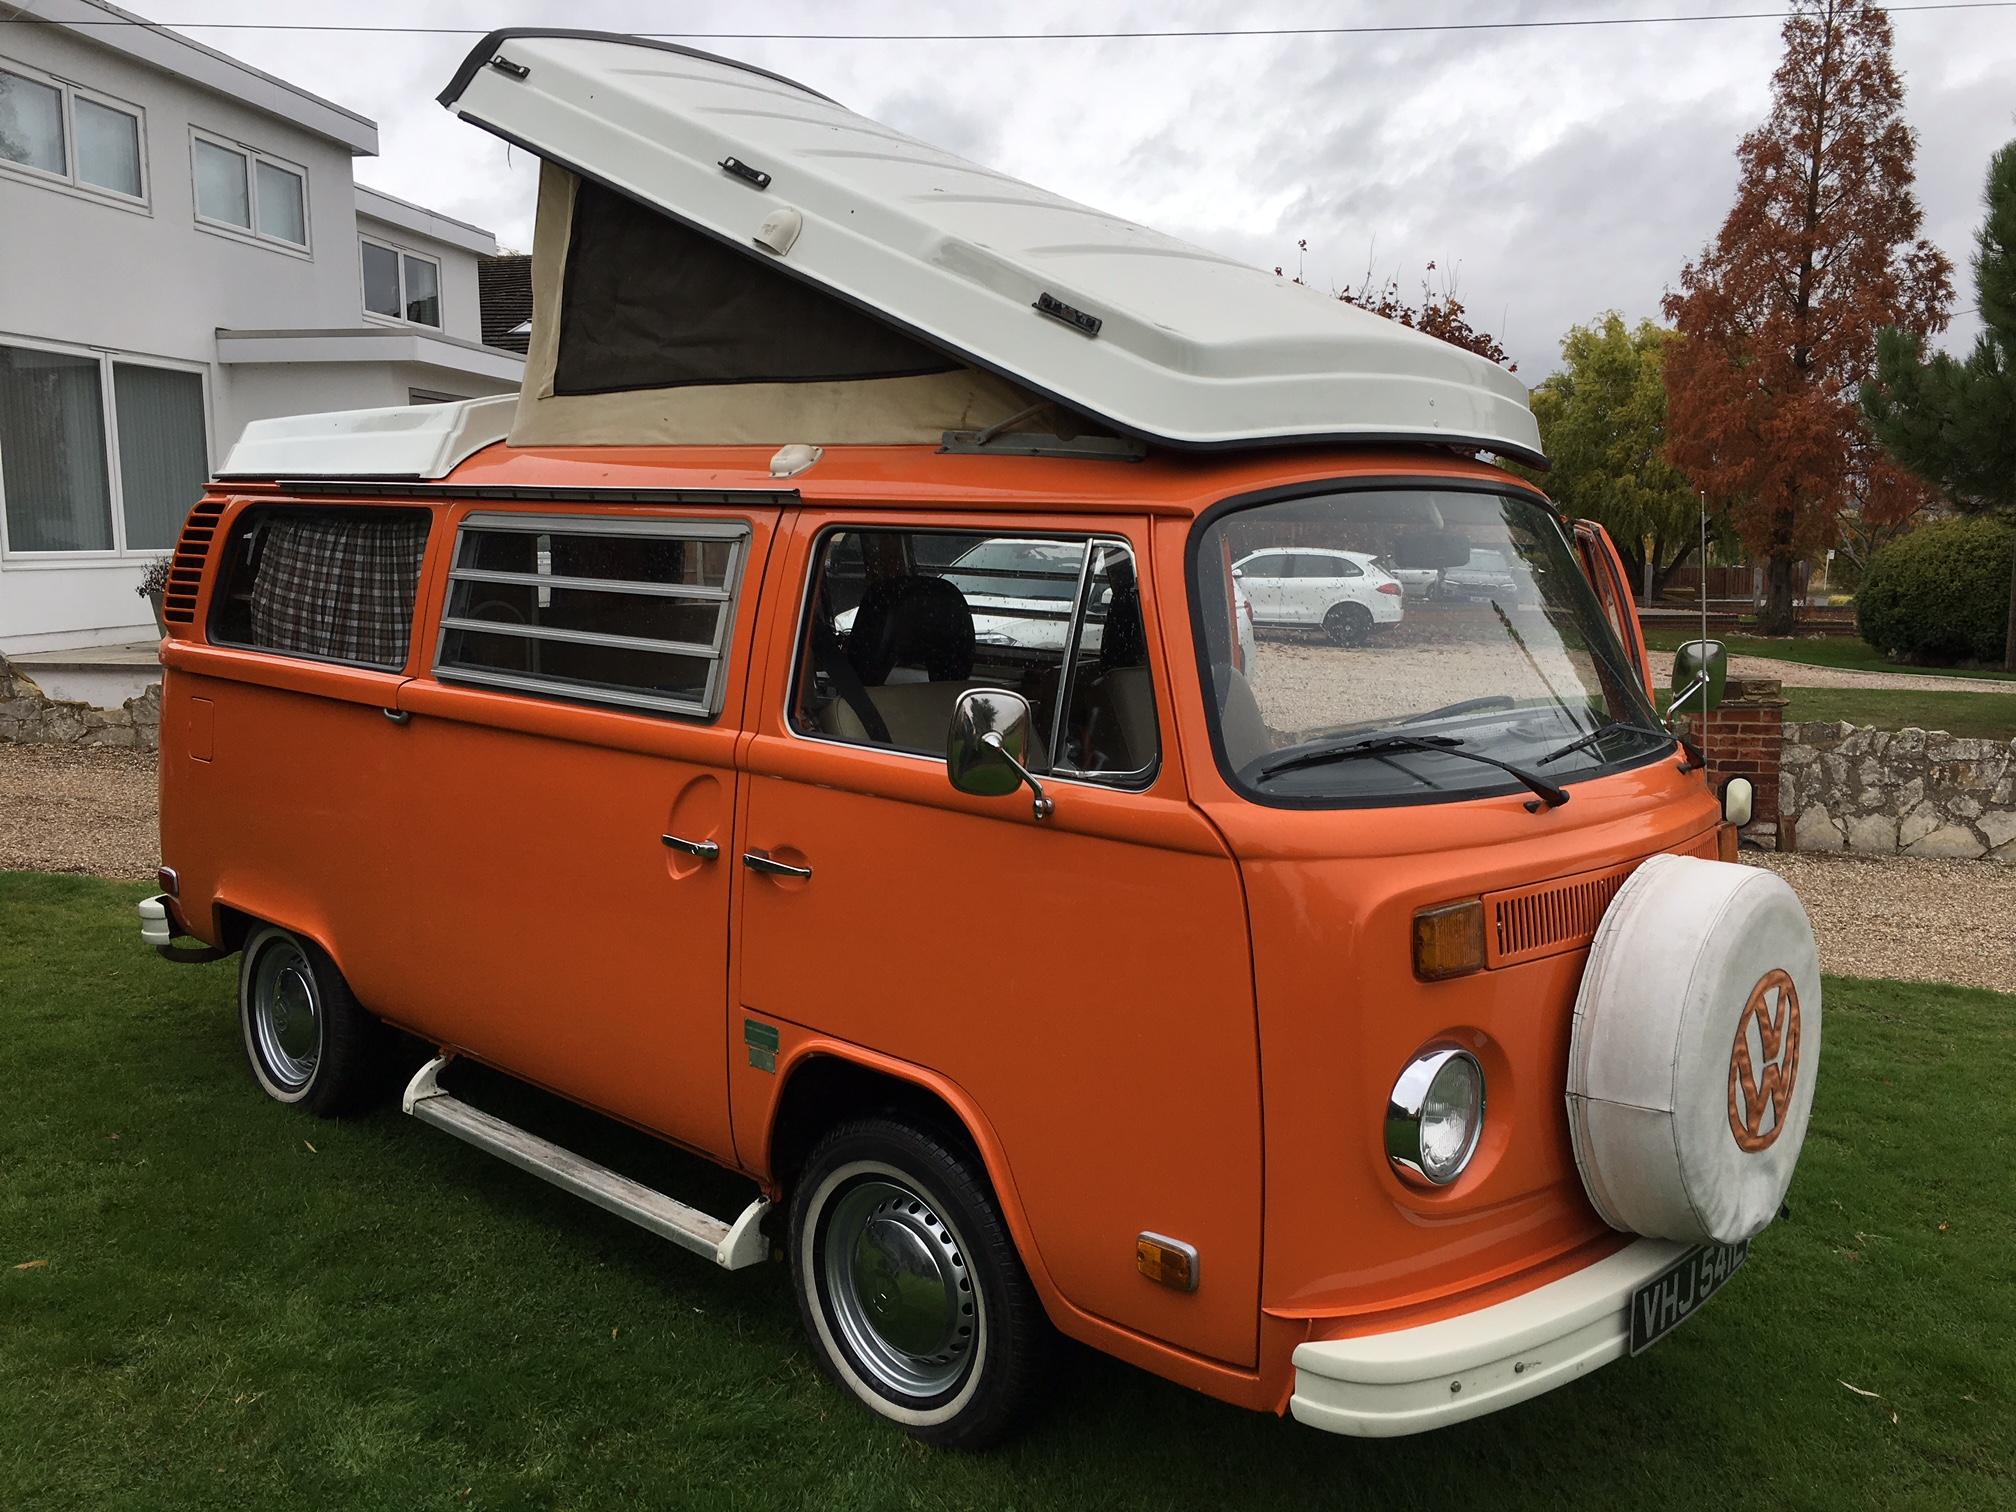 1973 LHD US Westfalia Camper Van